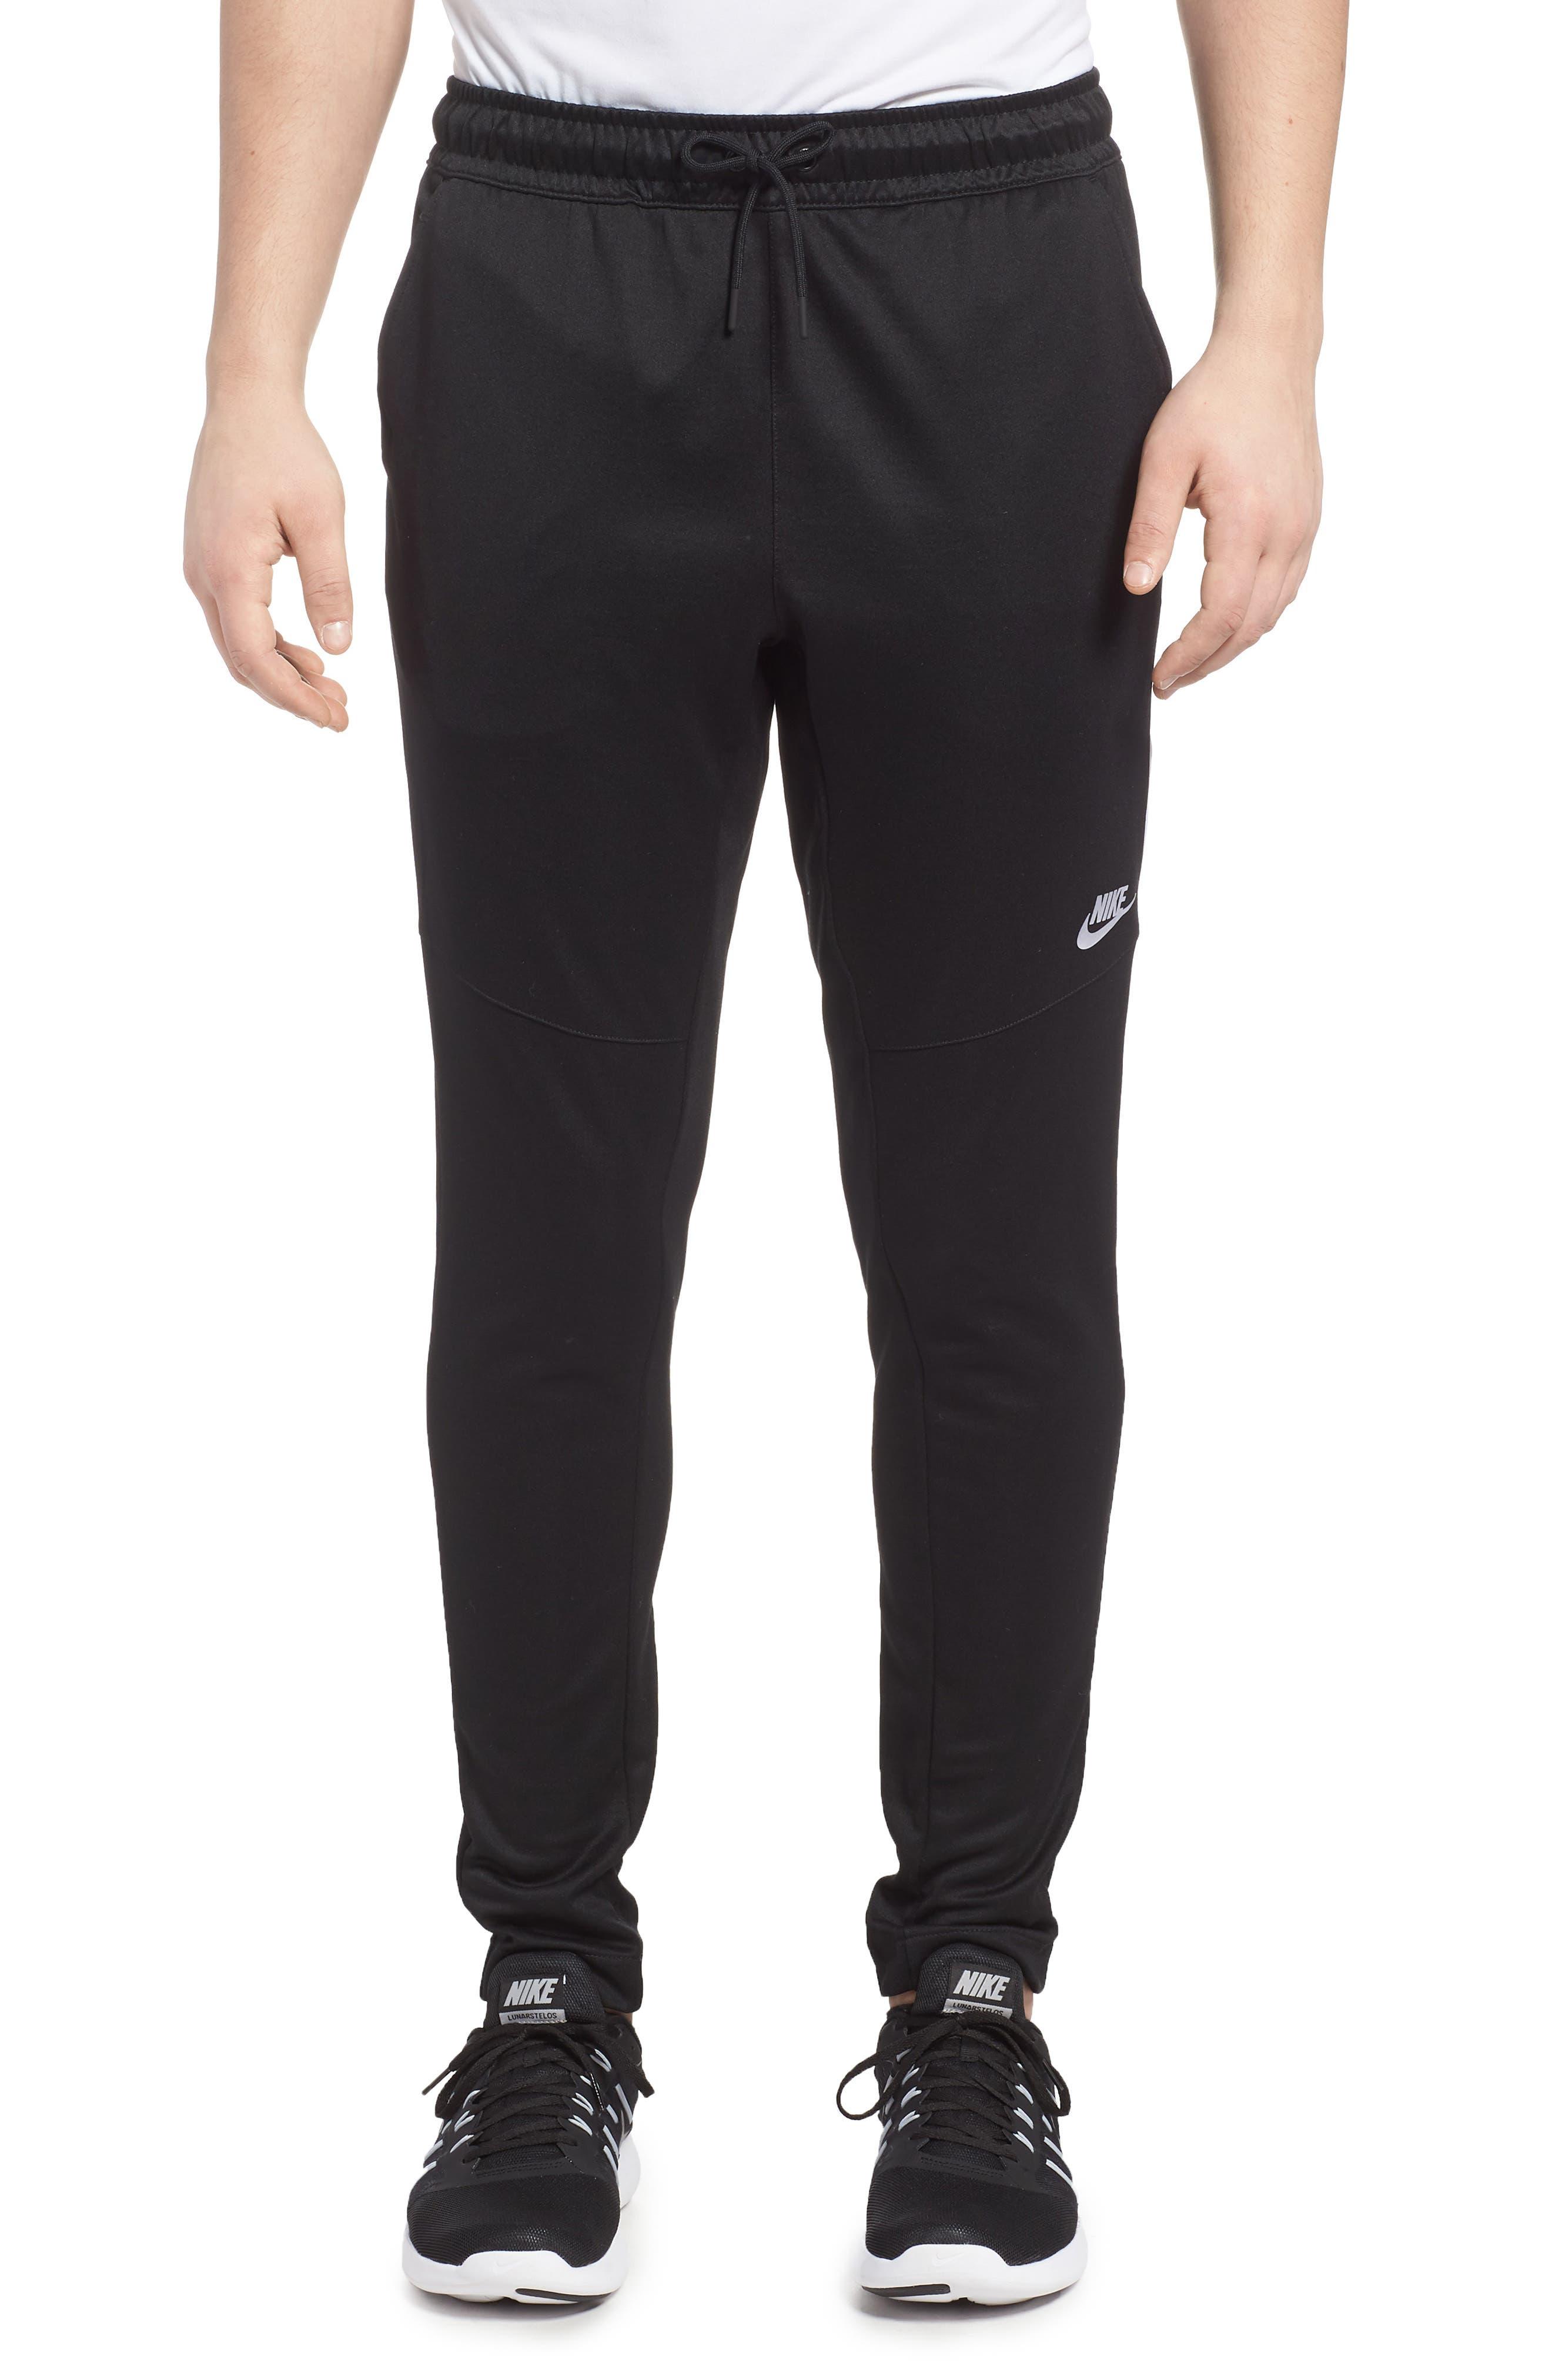 NSW Tribute Jogger Pants,                             Main thumbnail 1, color,                             Black/ White/ White